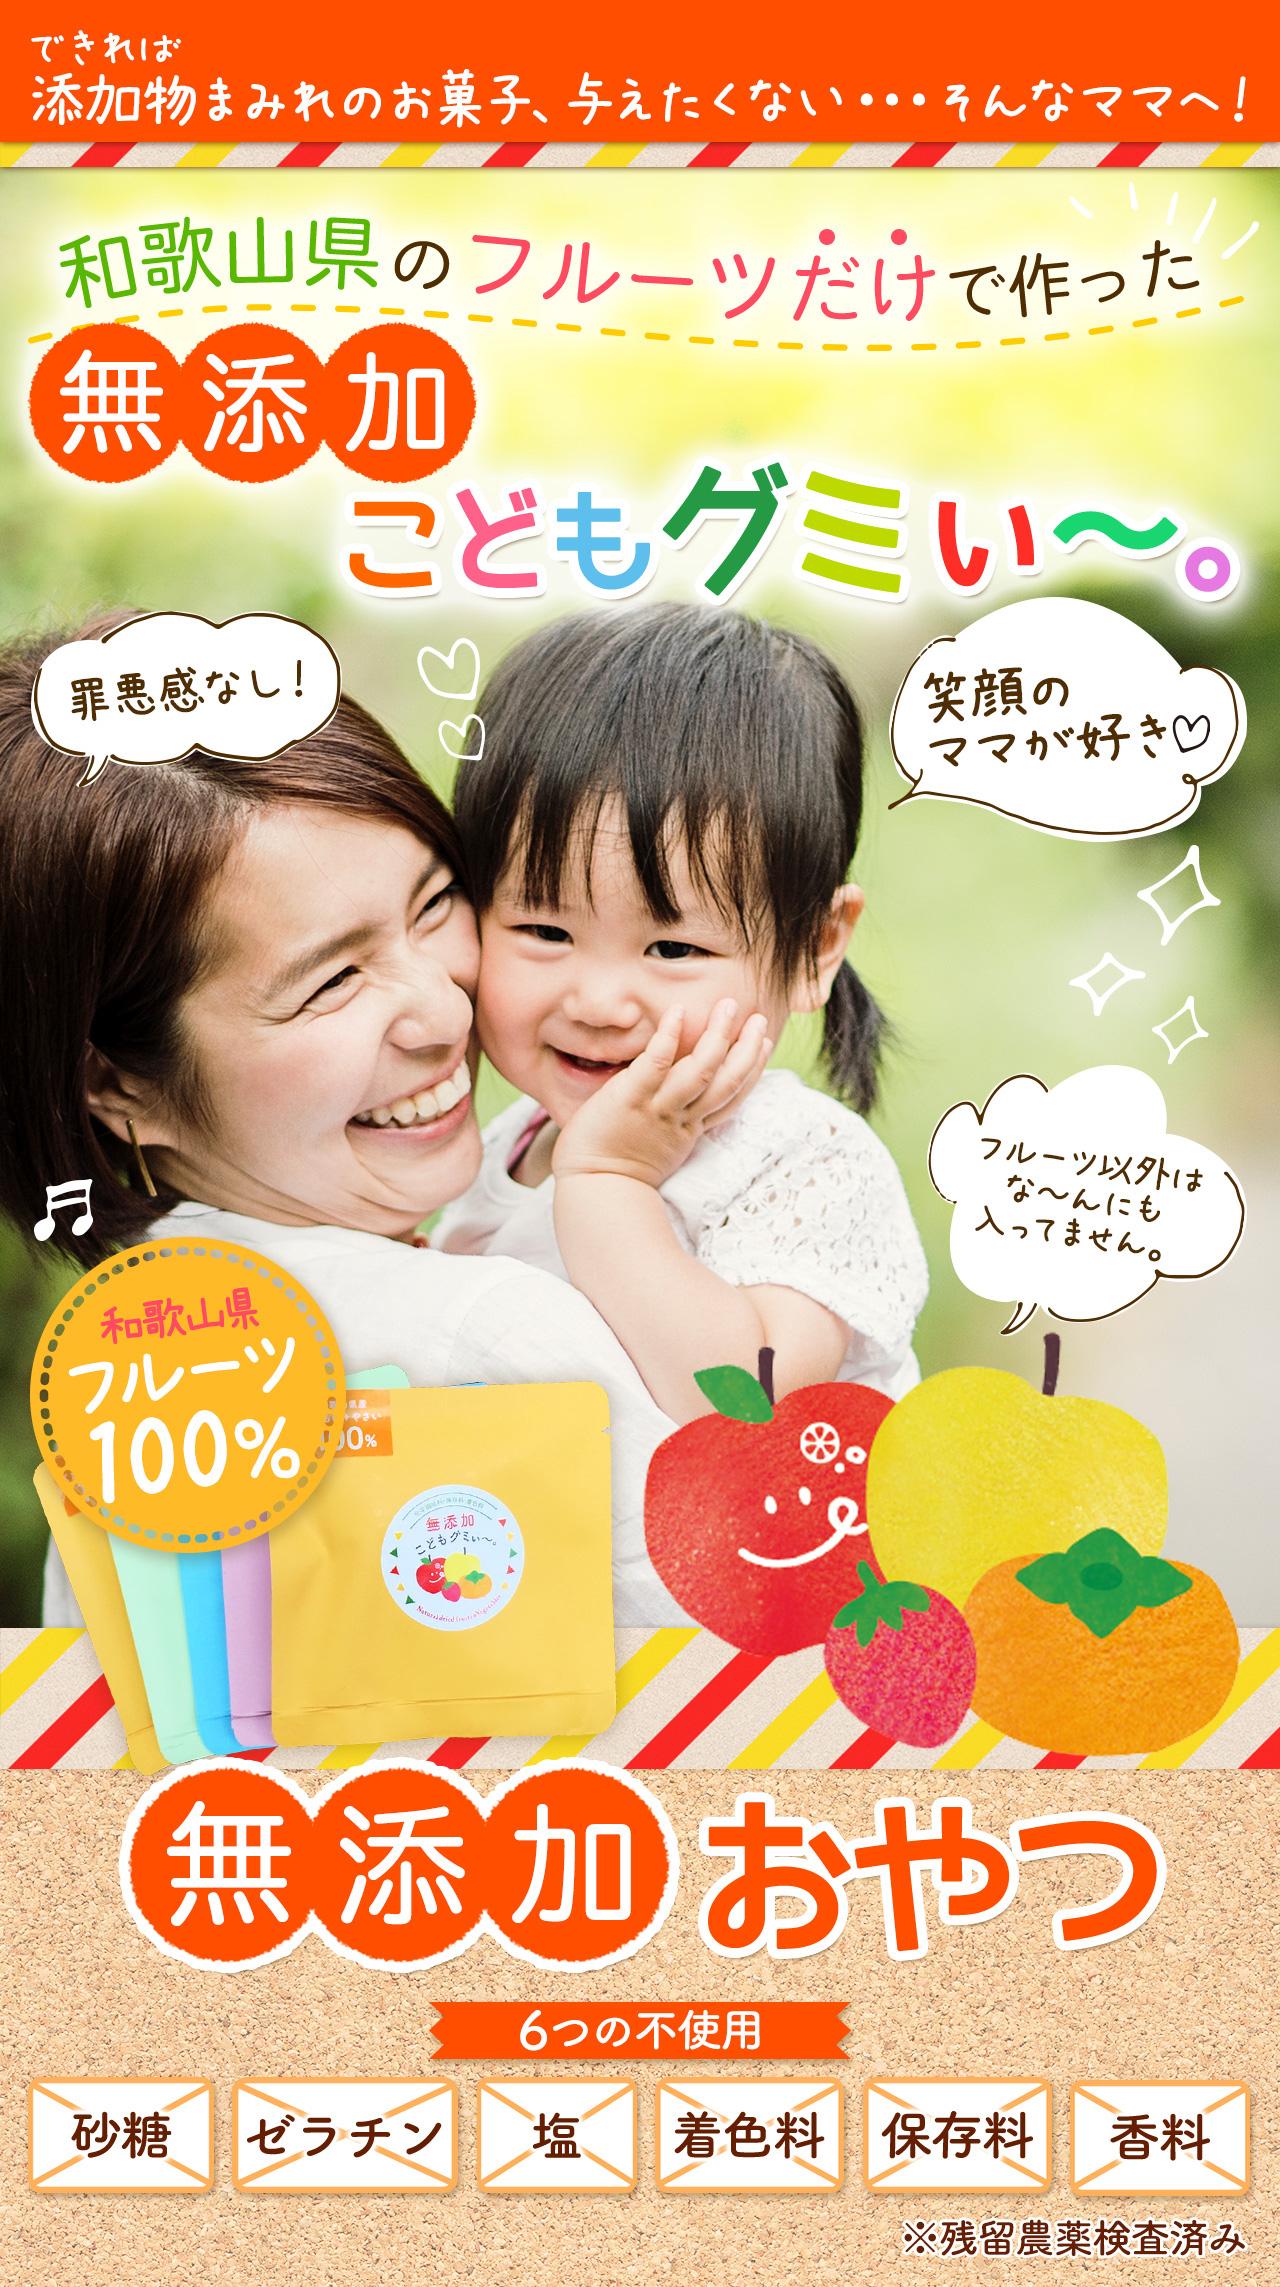 添加物まみれのお菓子、与えたくない。そんなママへ!和歌山県のフルーツだけで作った無添加こどもグミぃ〜。国産フルーツ100%無添加おやつ。砂糖 ゼラチン 塩 着色料 保存料 香料不使用 残留農薬検査済